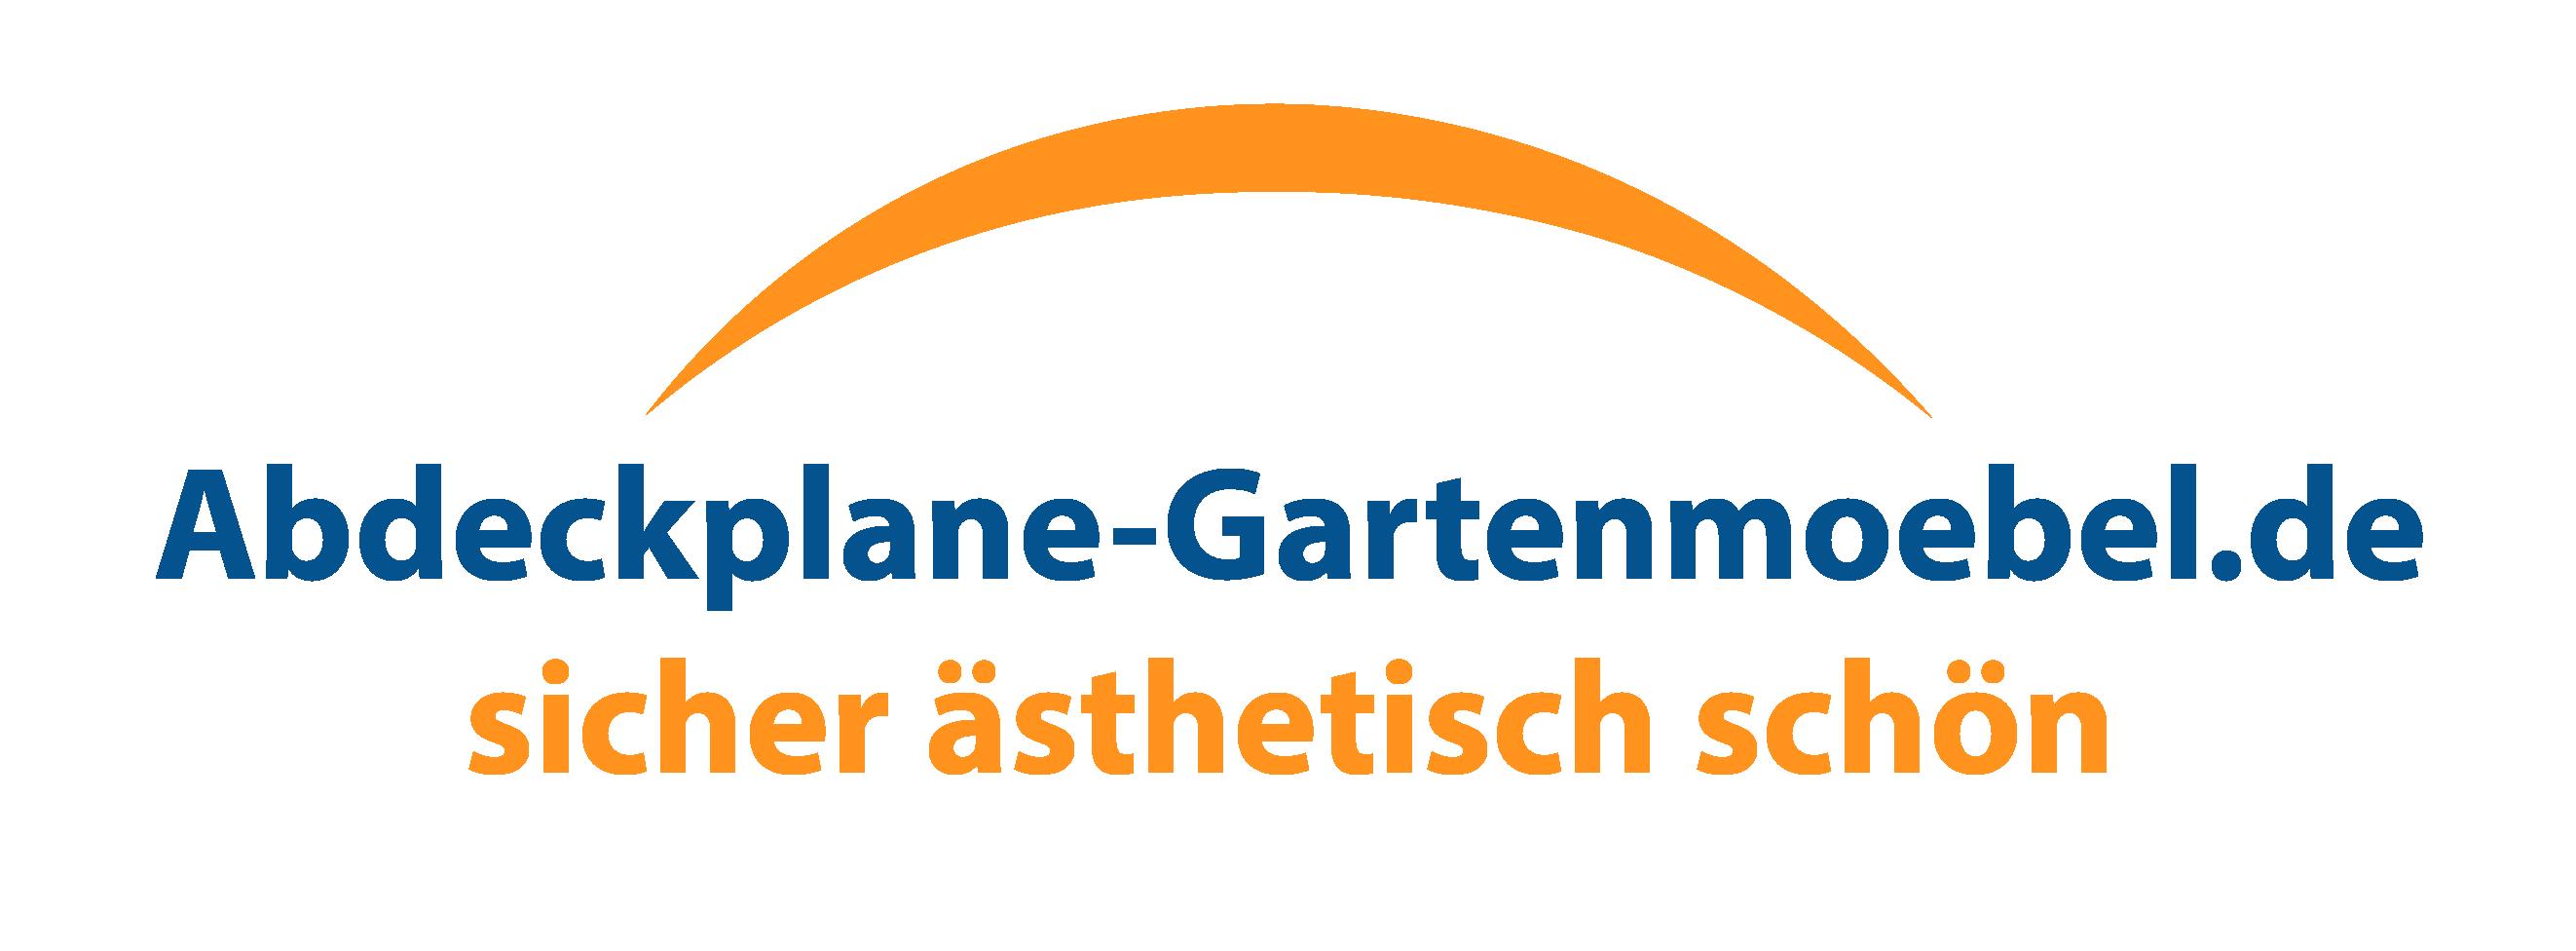 Abdeckplane Gartenmöbel [Deutschland] im Onlineshop kaufen-Logo